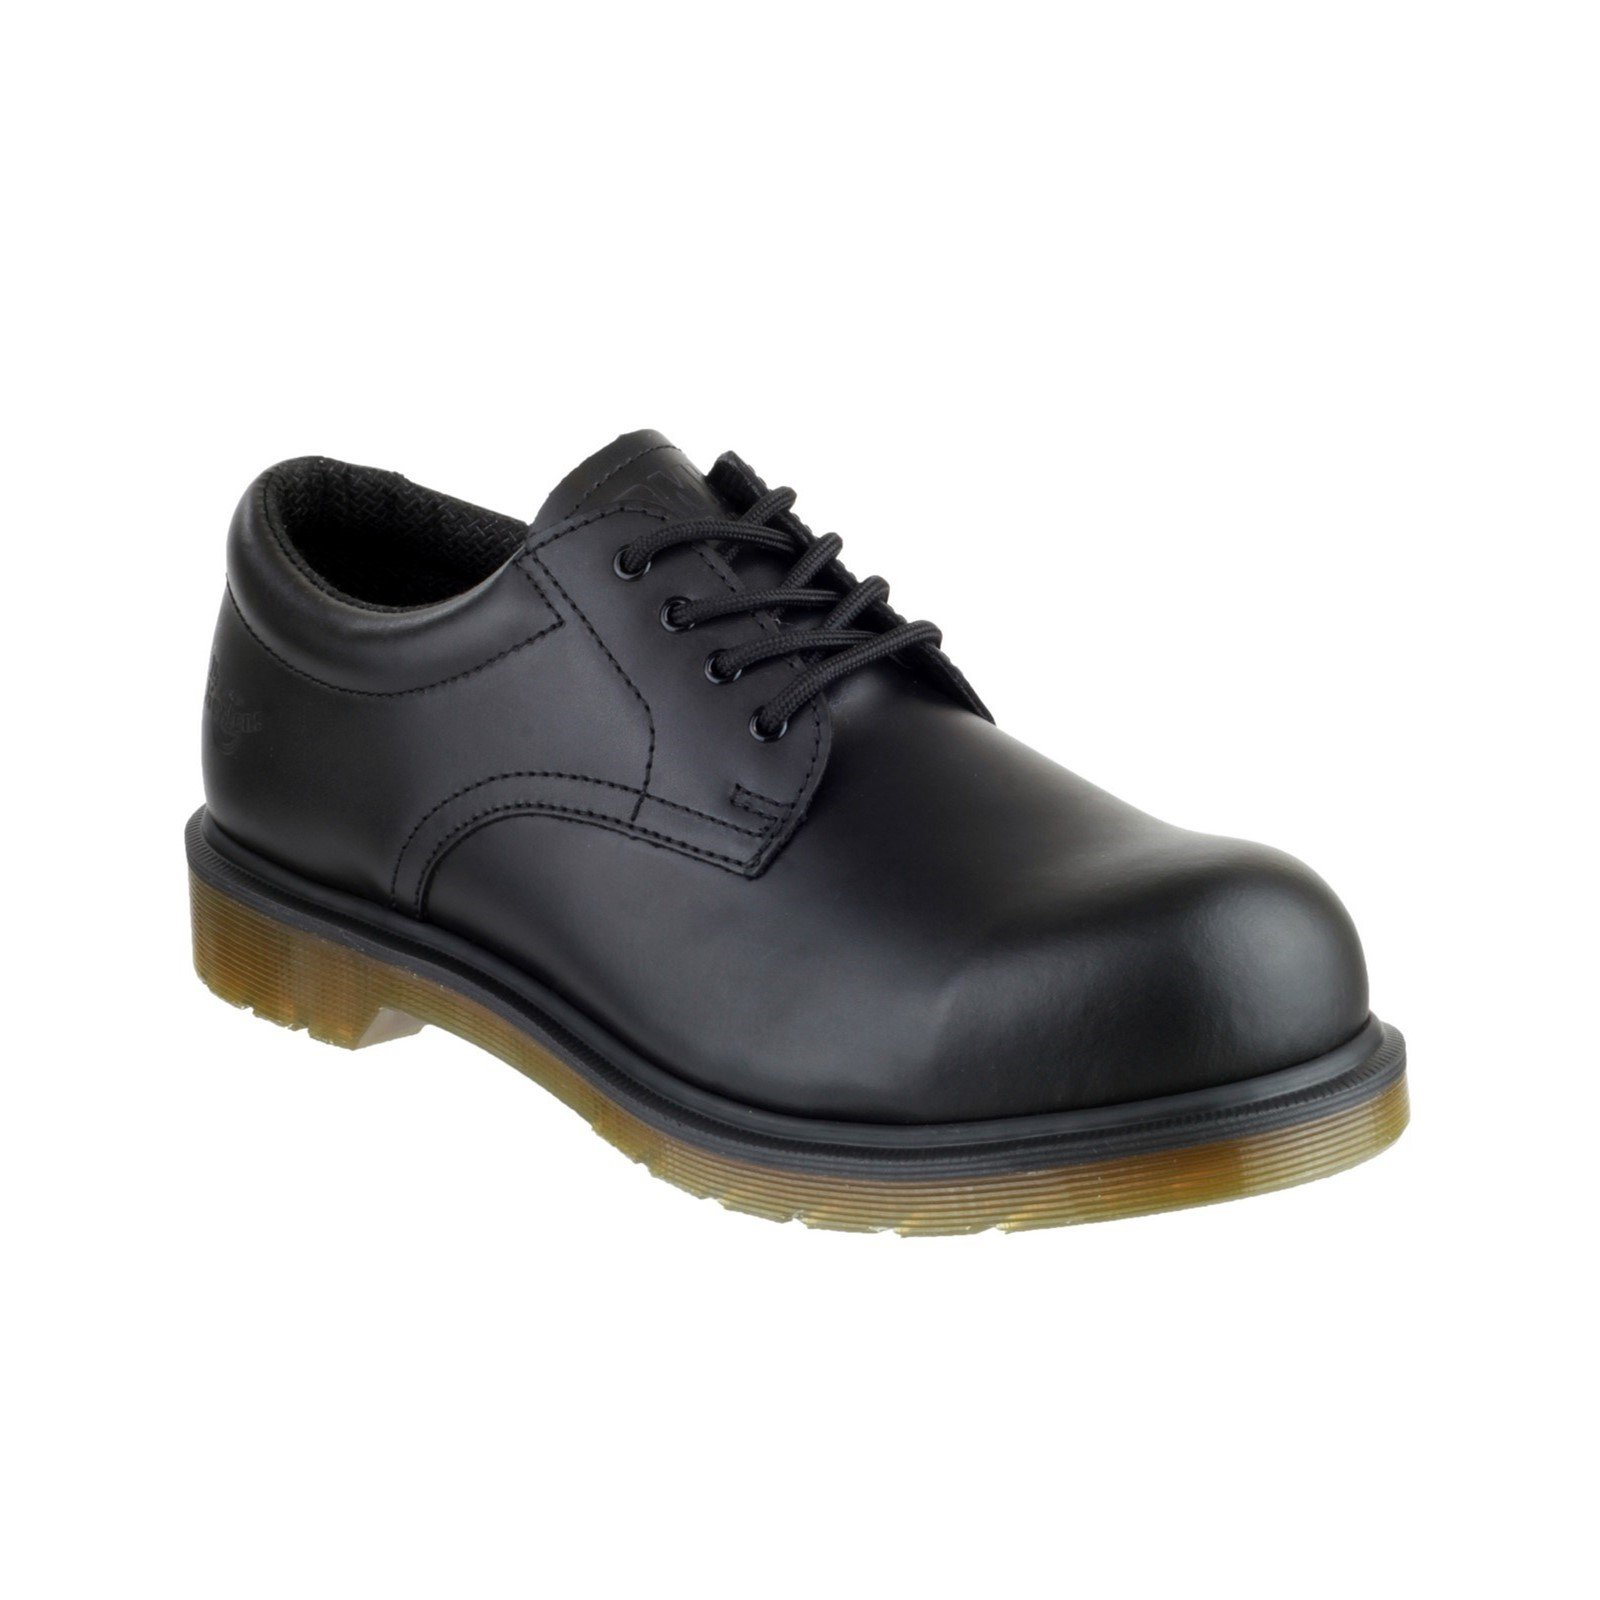 Dr Martens Unisex Icon Lace up Derby Shoe Black 00588 - Black 4